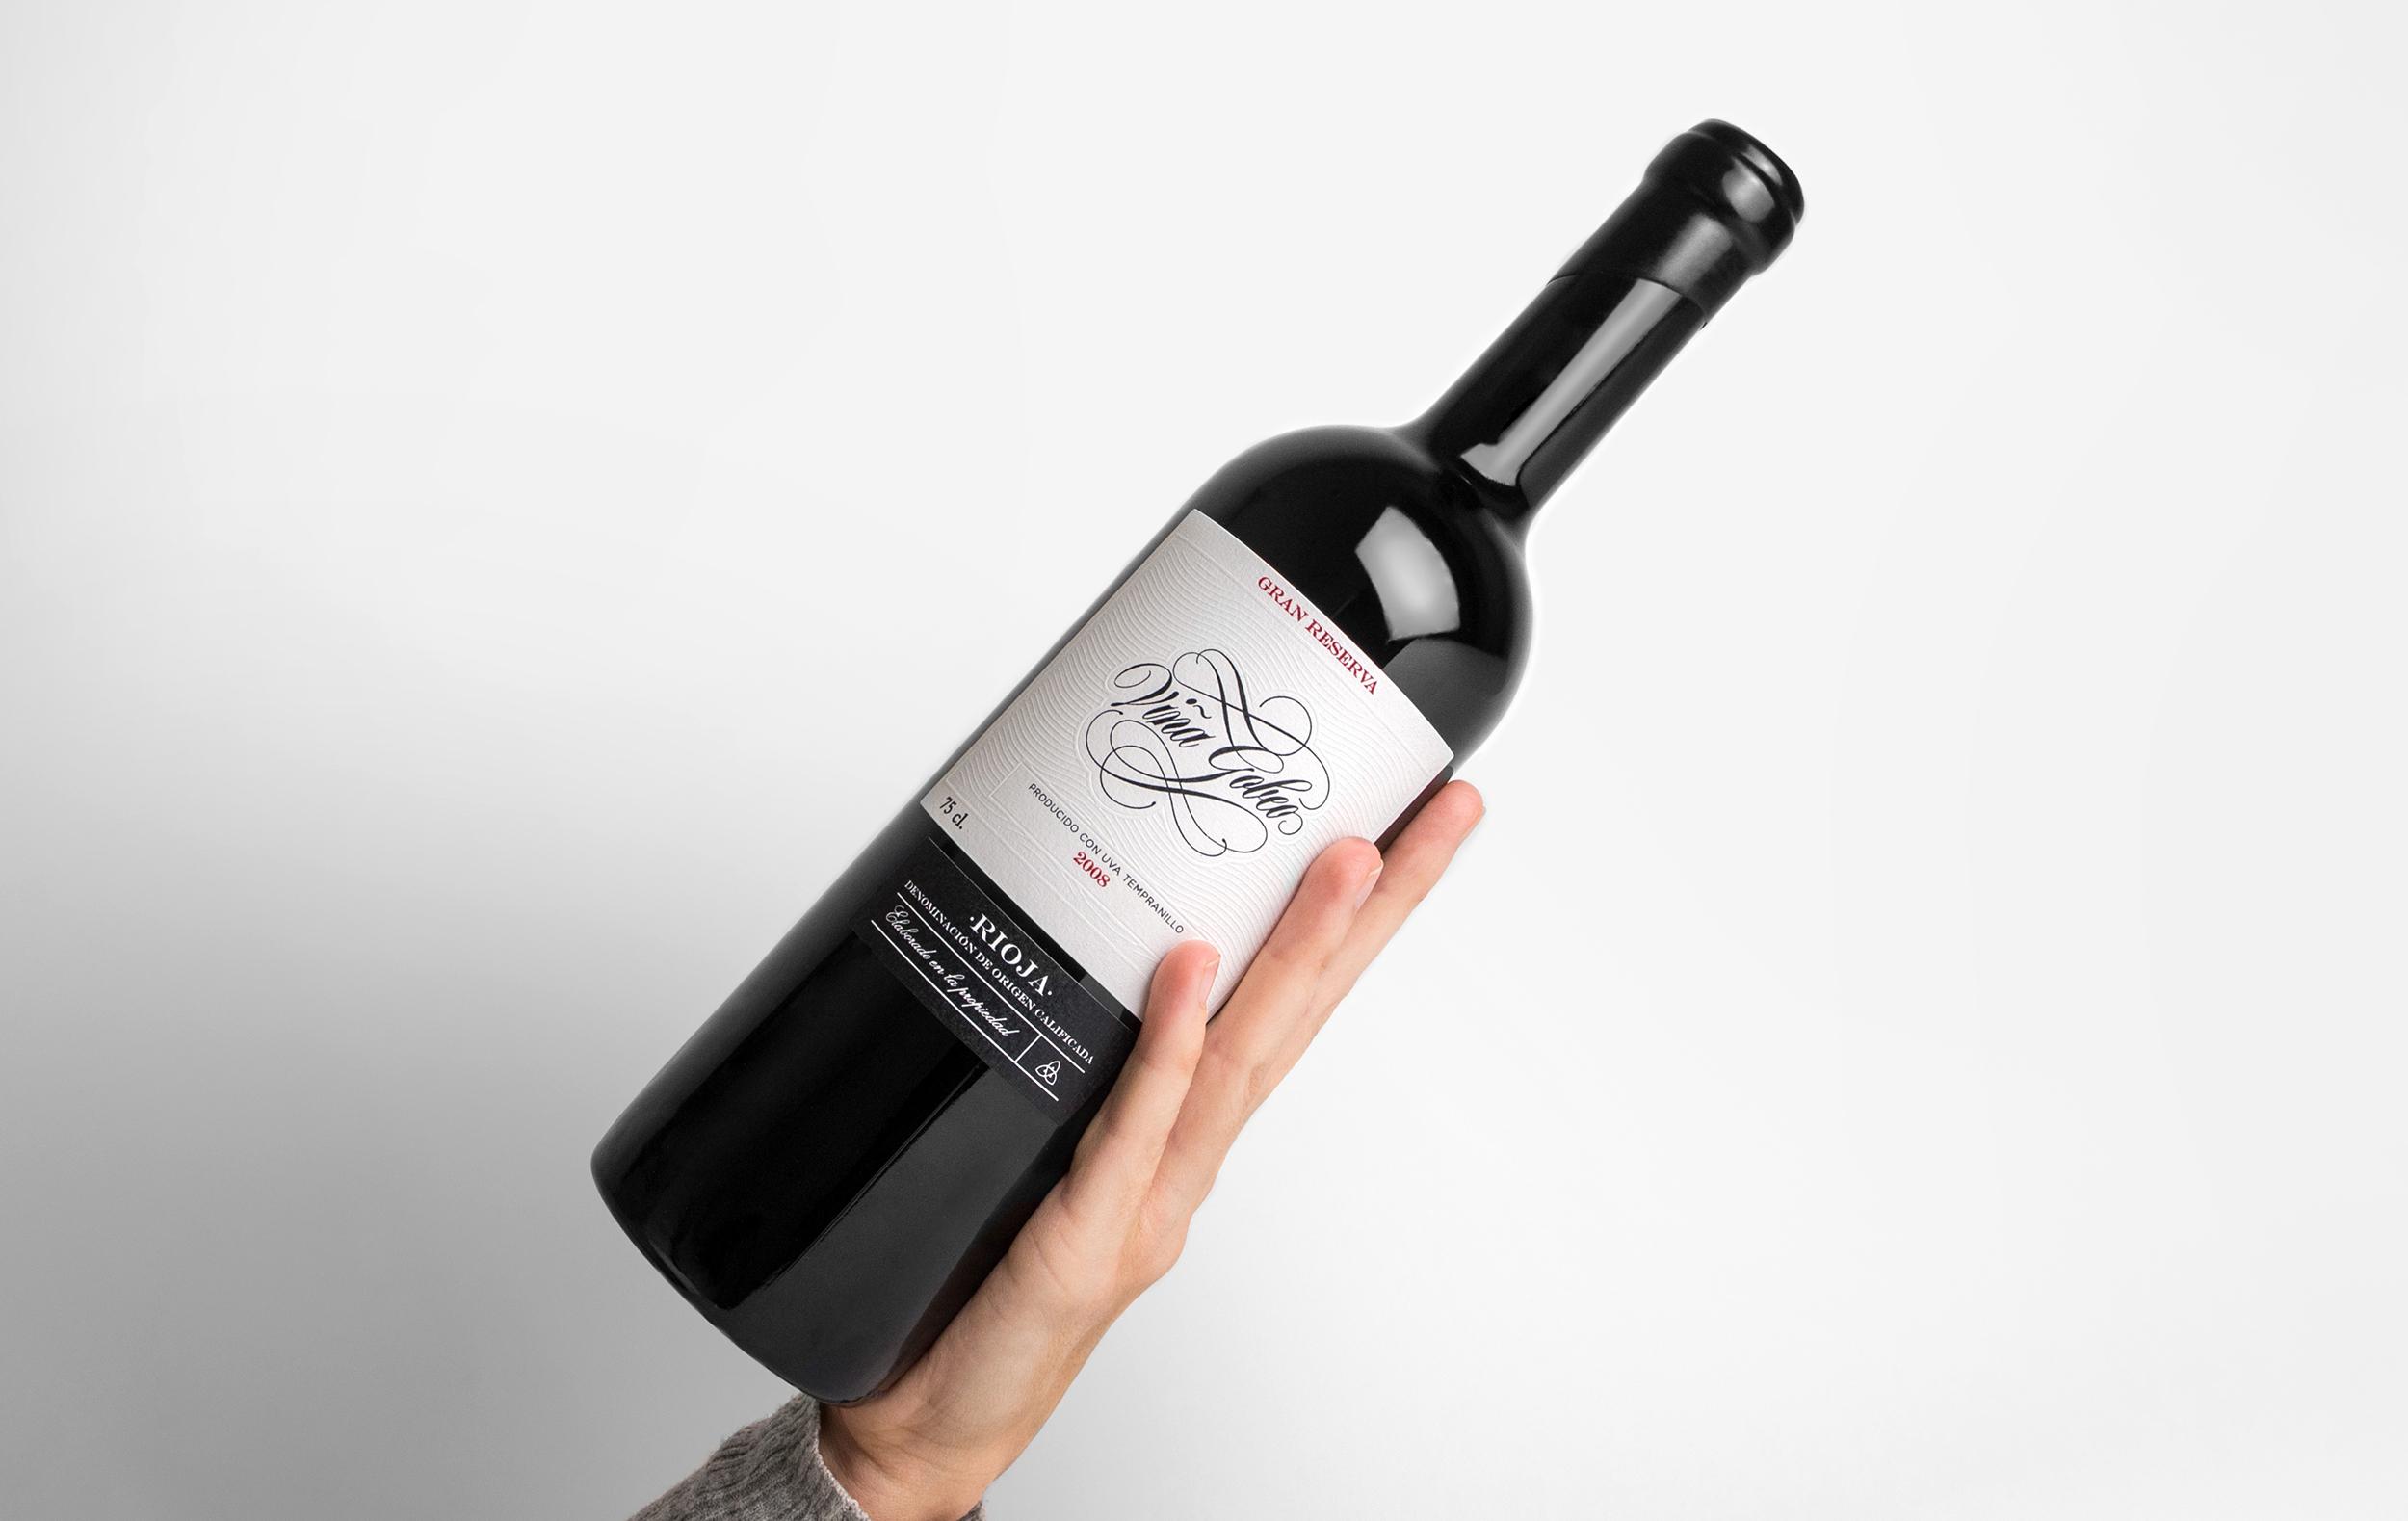 Diseño de etiqueta de vino y fotografía del vino Gran Reserva Viña Gobeo sosteniendo con mano